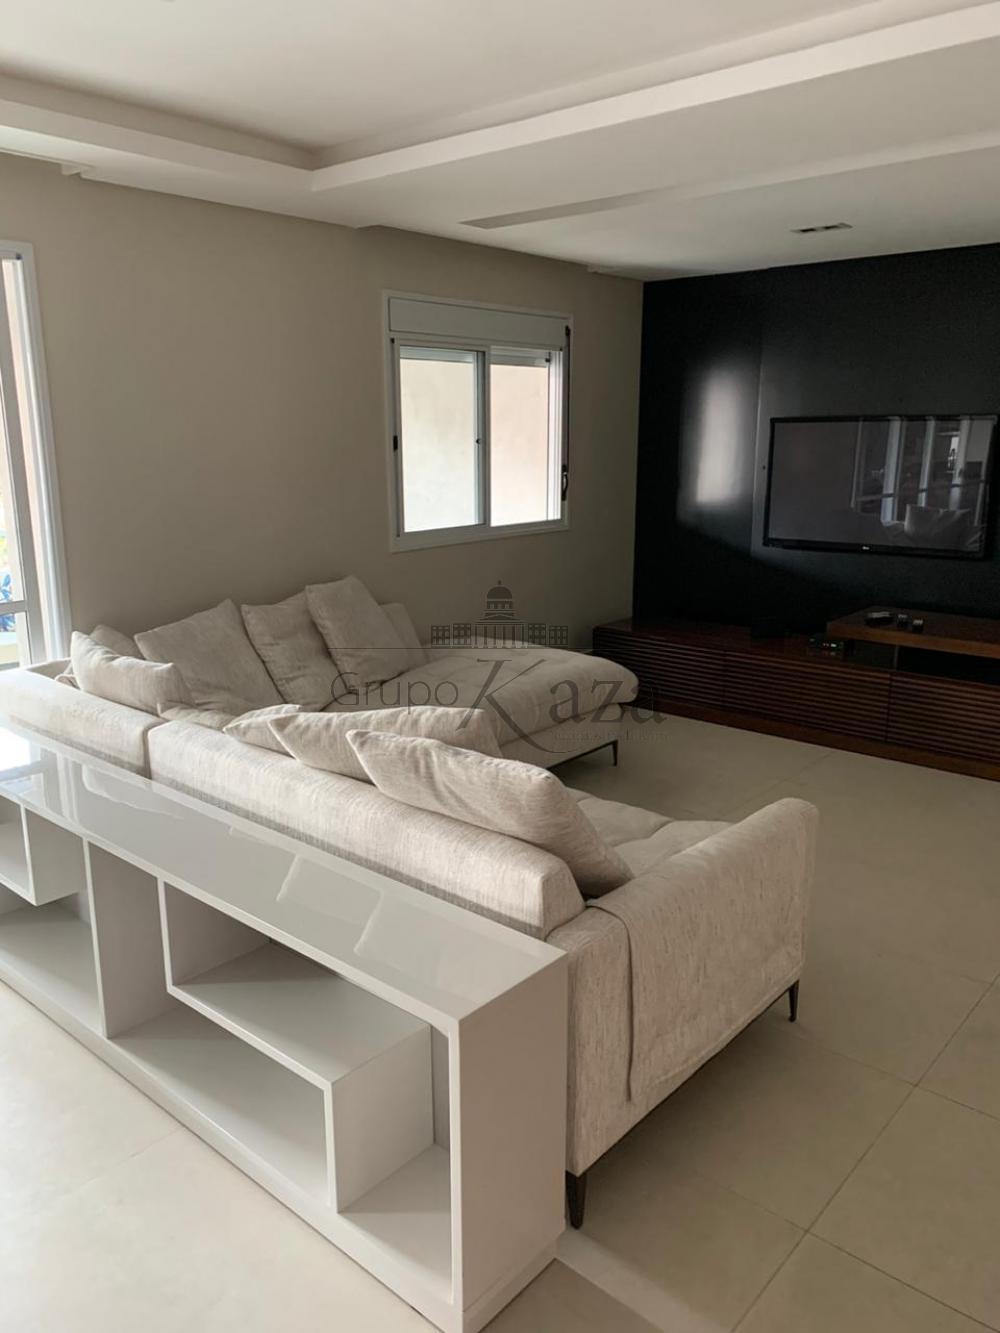 Comprar Apartamento / Padrão em São José dos Campos apenas R$ 1.200.000,00 - Foto 21